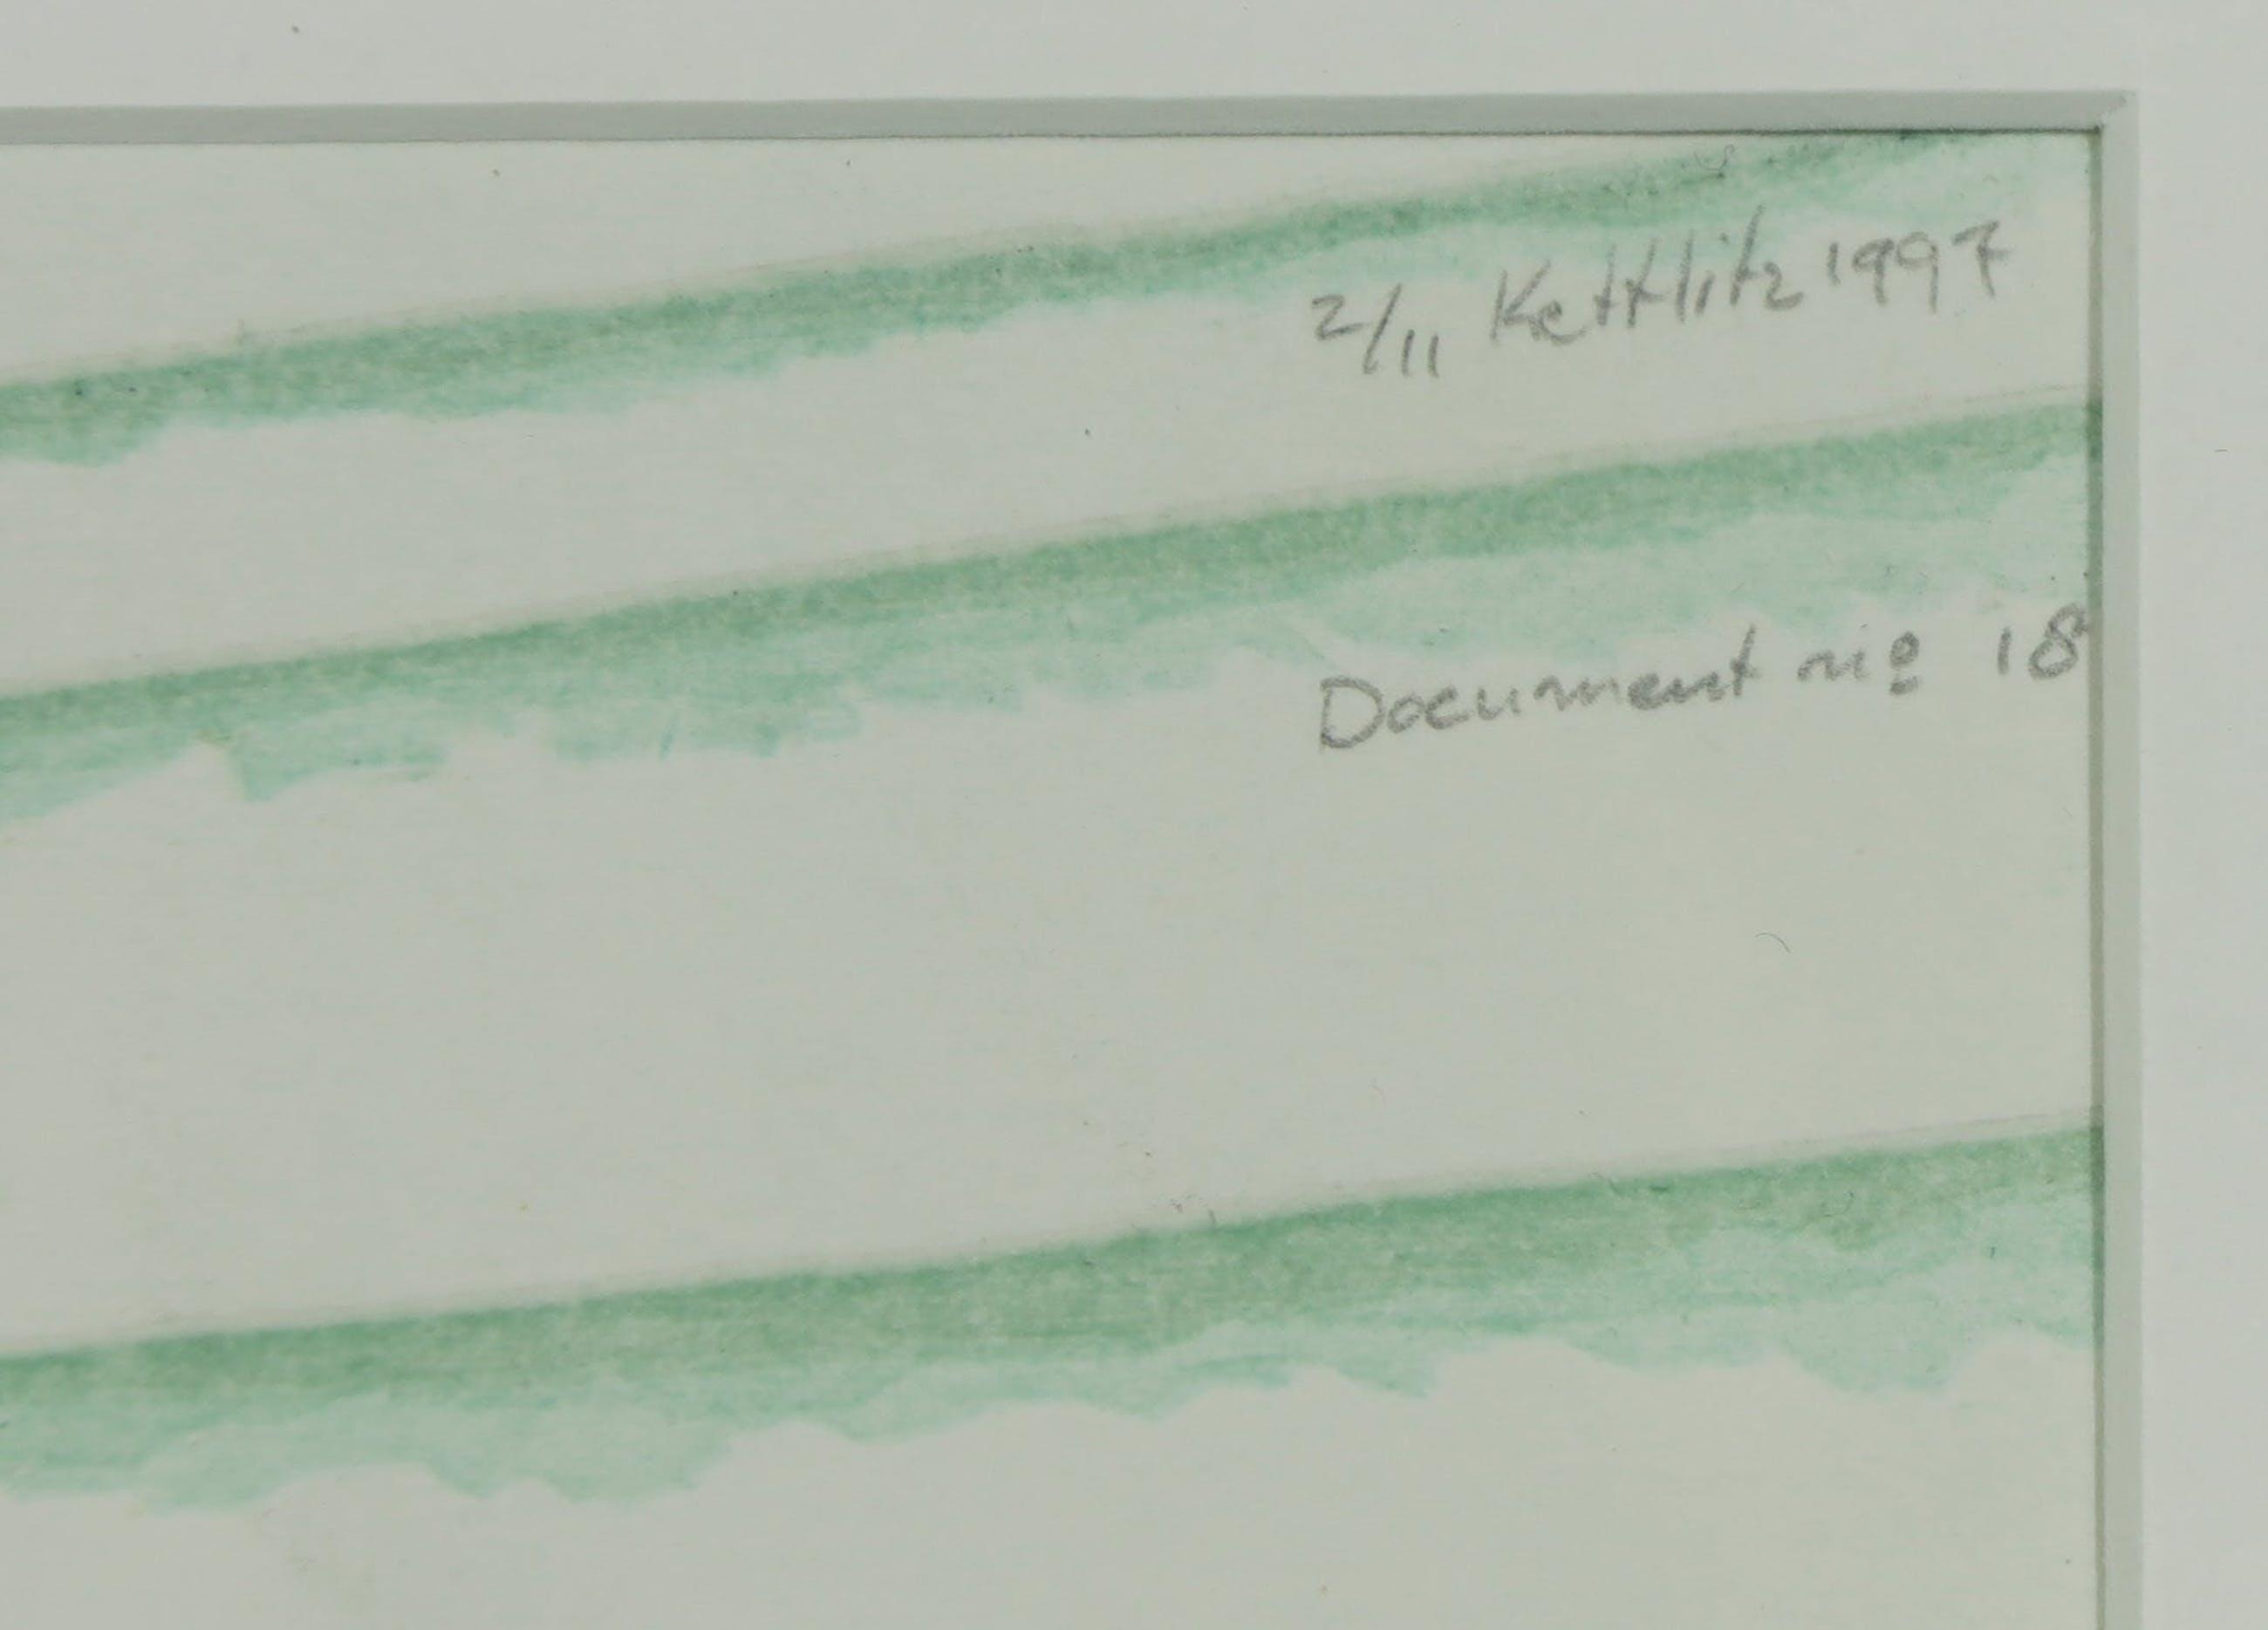 Sven Kettlitz - Houtsnede, Document no. 18 - Ingelijst kopen? Bied vanaf 1!